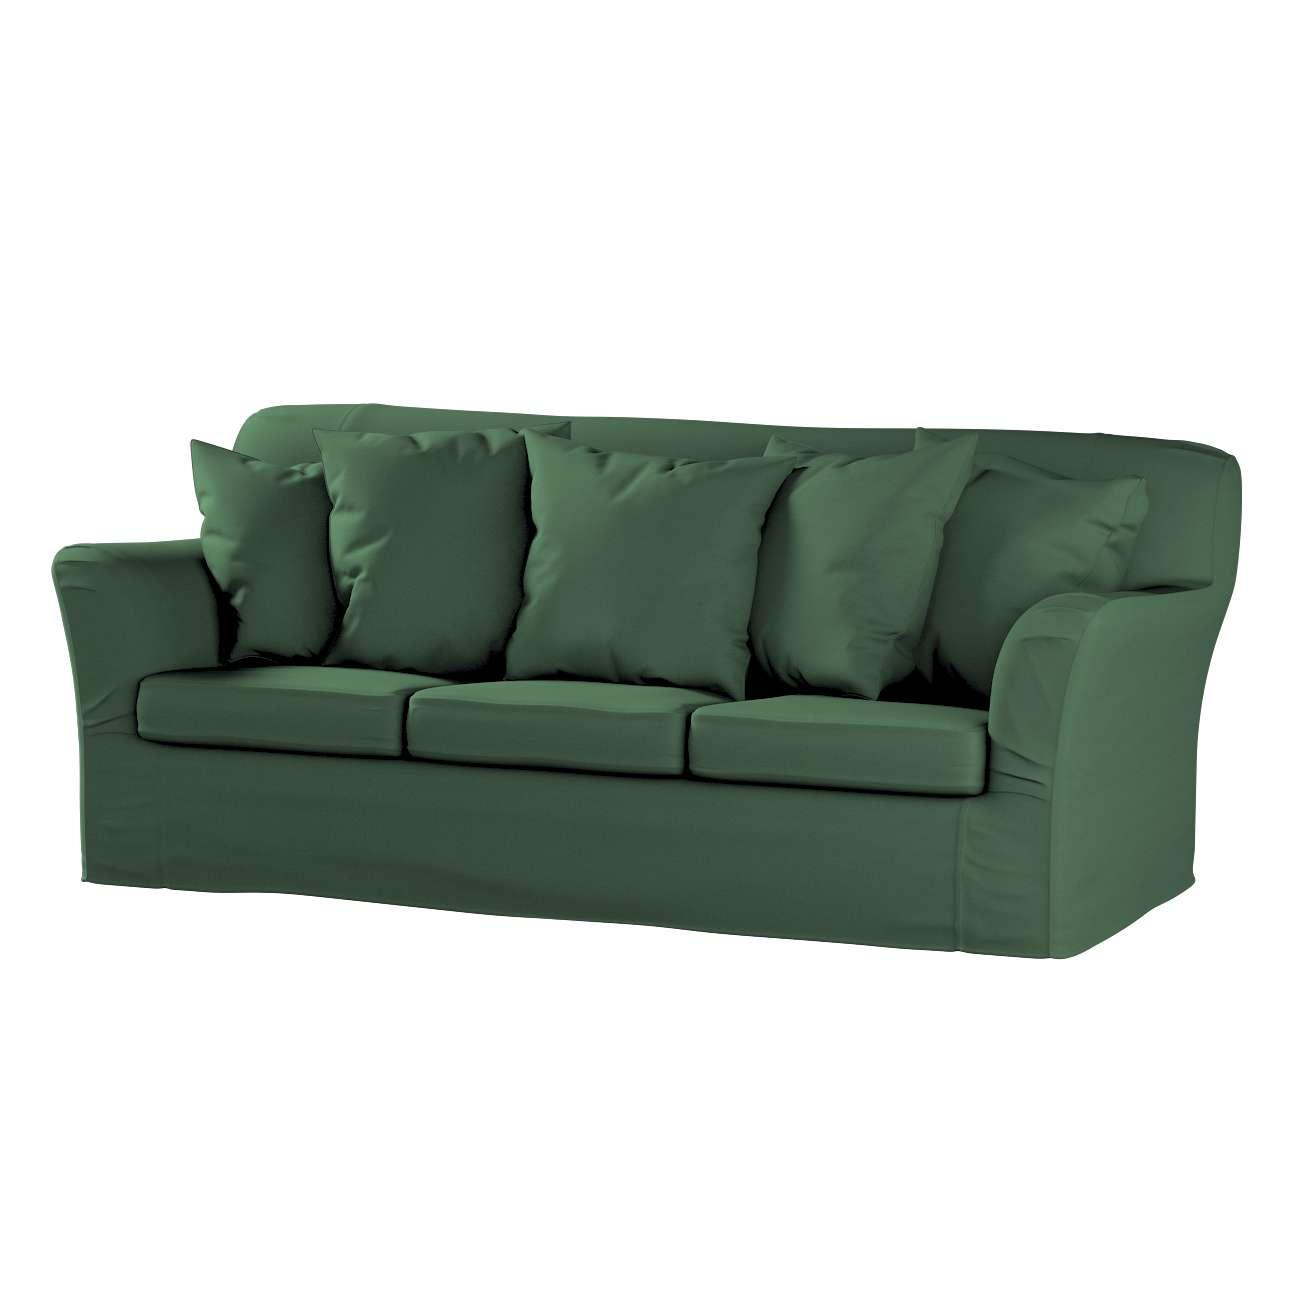 Pokrowiec na sofę Tomelilla 3-osobową nierozkładaną Sofa Tomelilla 3-osobowa w kolekcji Cotton Panama, tkanina: 702-06